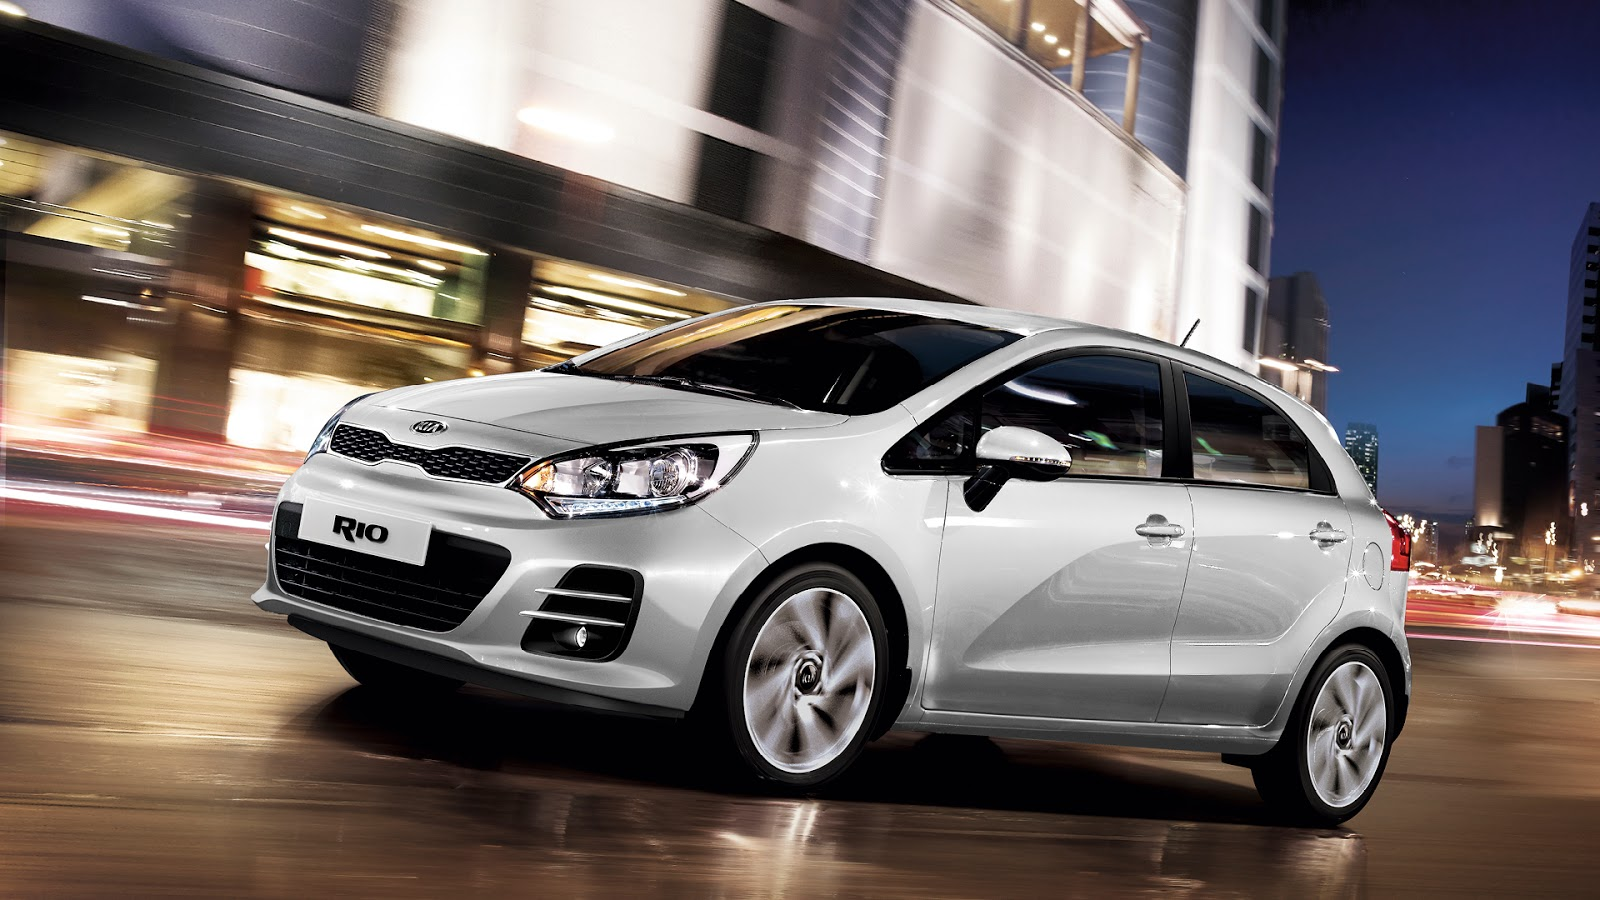 Kia Rio Motori | Gamma motorizzazioni Diesel e Benzina